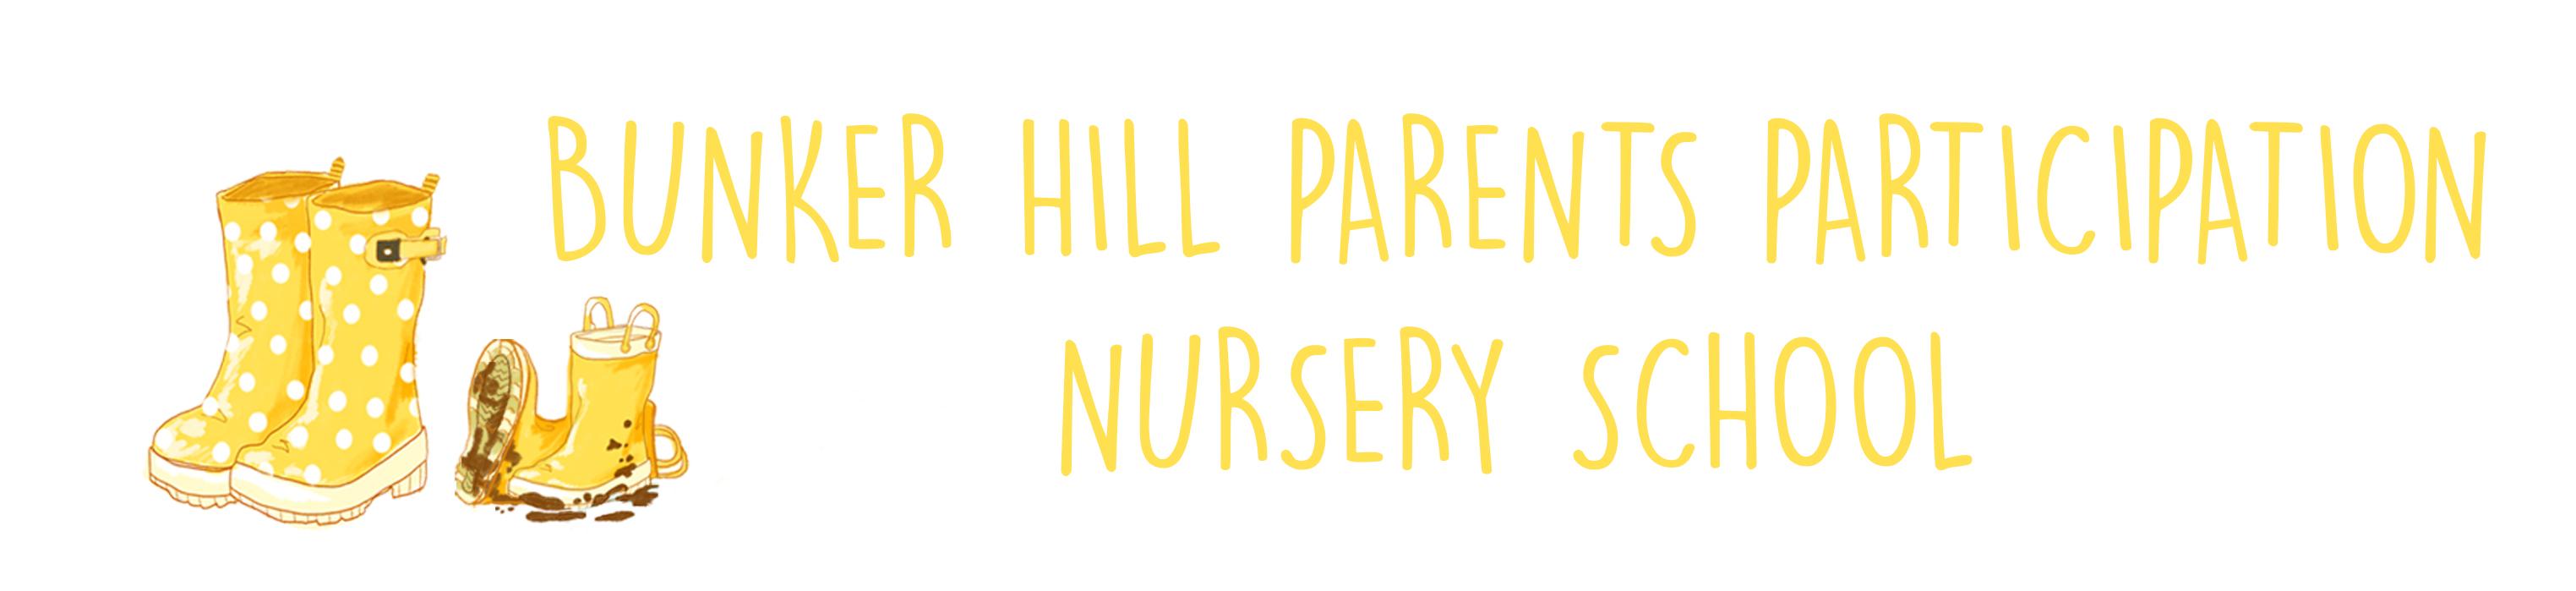 Bunker Hill Nursery School